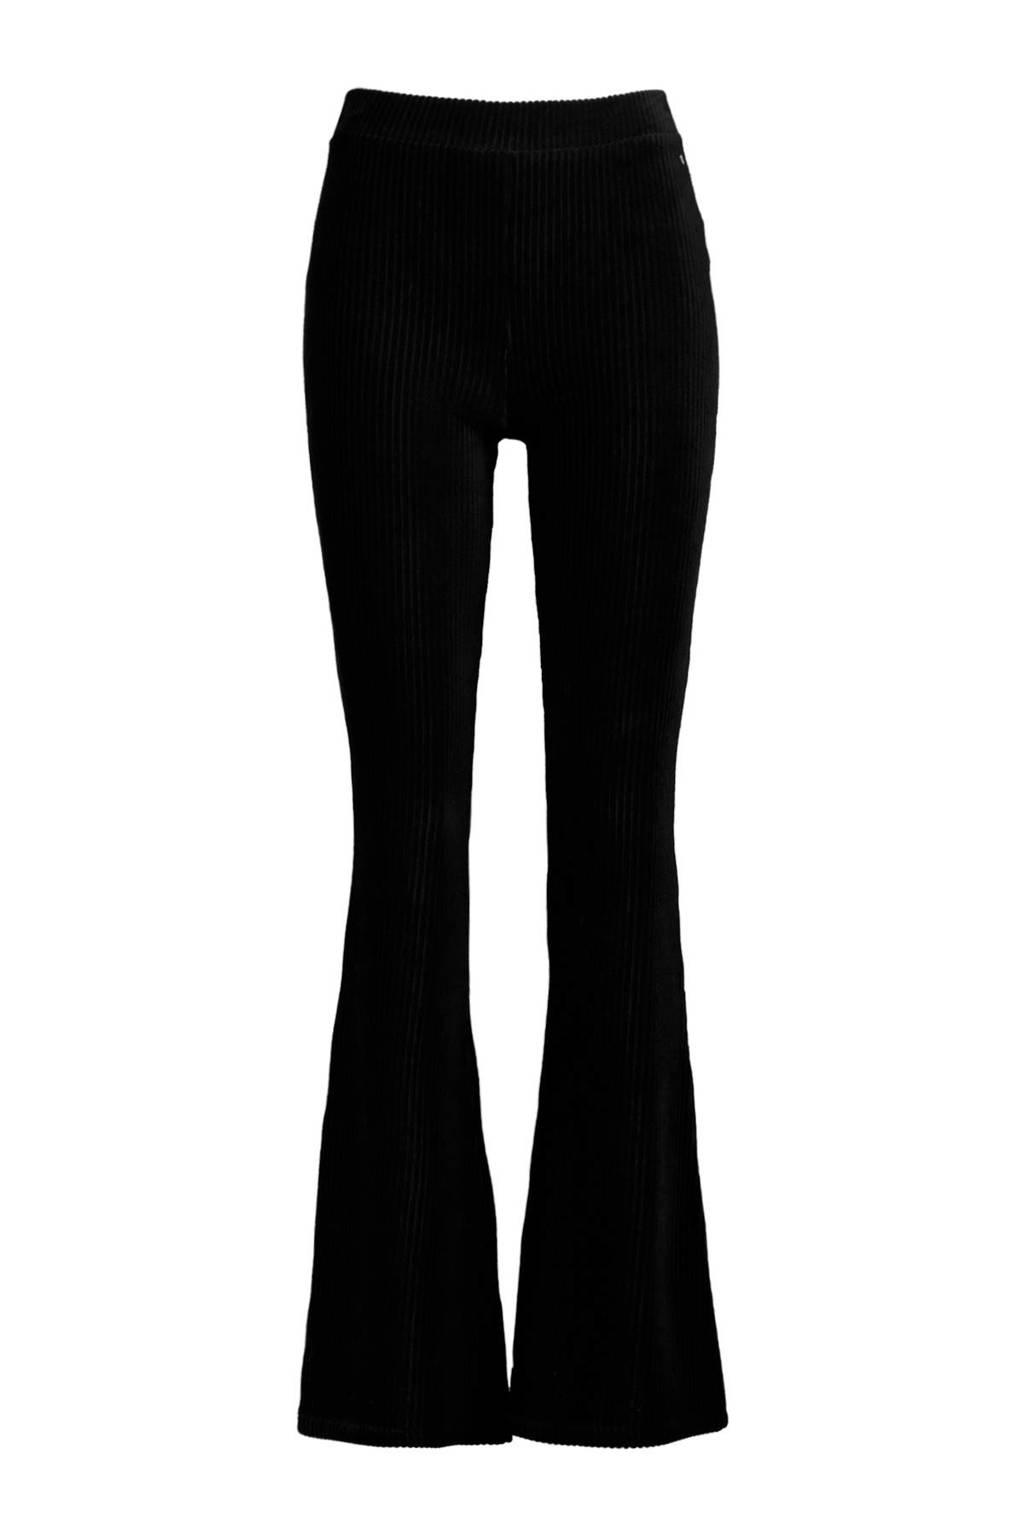 America Today corduroy flared legging met textuur zwart, Zwart